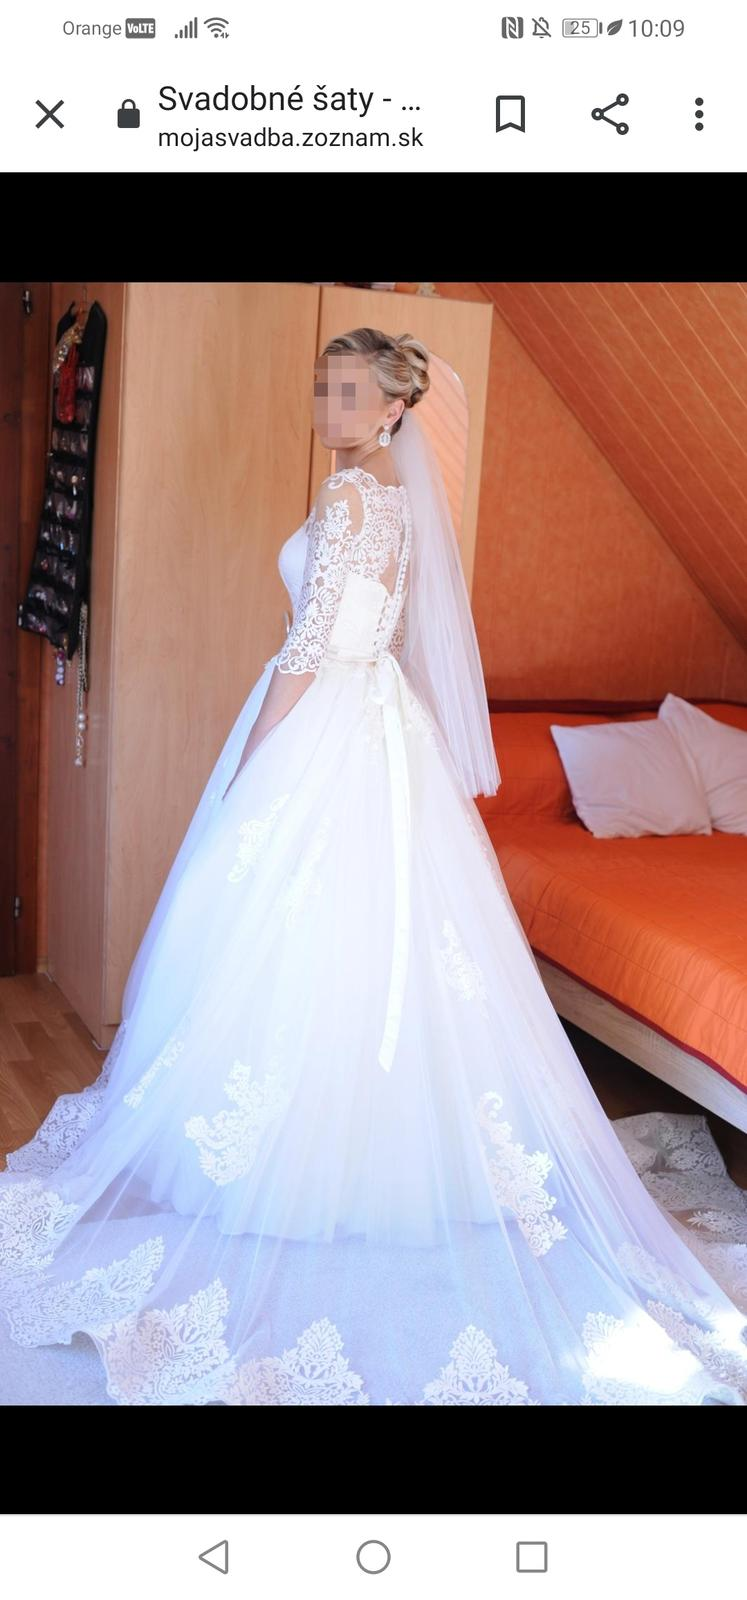 Svadobné šaty irian sam - Obrázok č. 2